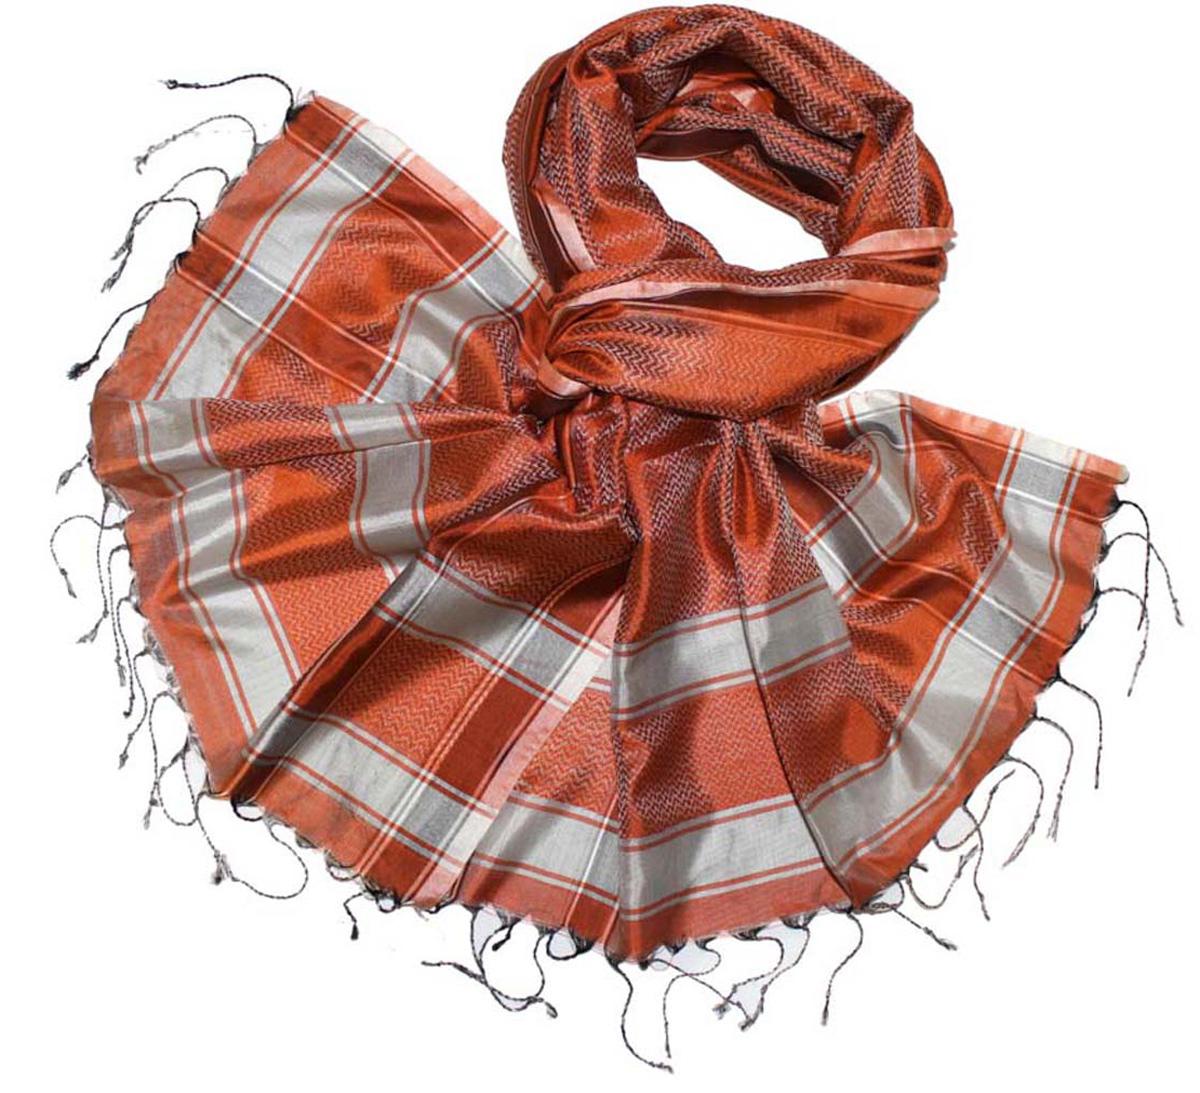 Шарф женский Ethnica, цвет: оранжевый, серый. 888225. Размер 50 см х 170 см888225Стильный шарф привлекательной расцветки с кисточками по краю изготовлен из 100% шелка. Он удачно дополнит ваш гардероб и поможет создать новый повседневный образ, добавить в него яркие краски. Отличный вариант для тех, кто стремится к самовыражению и новизне!